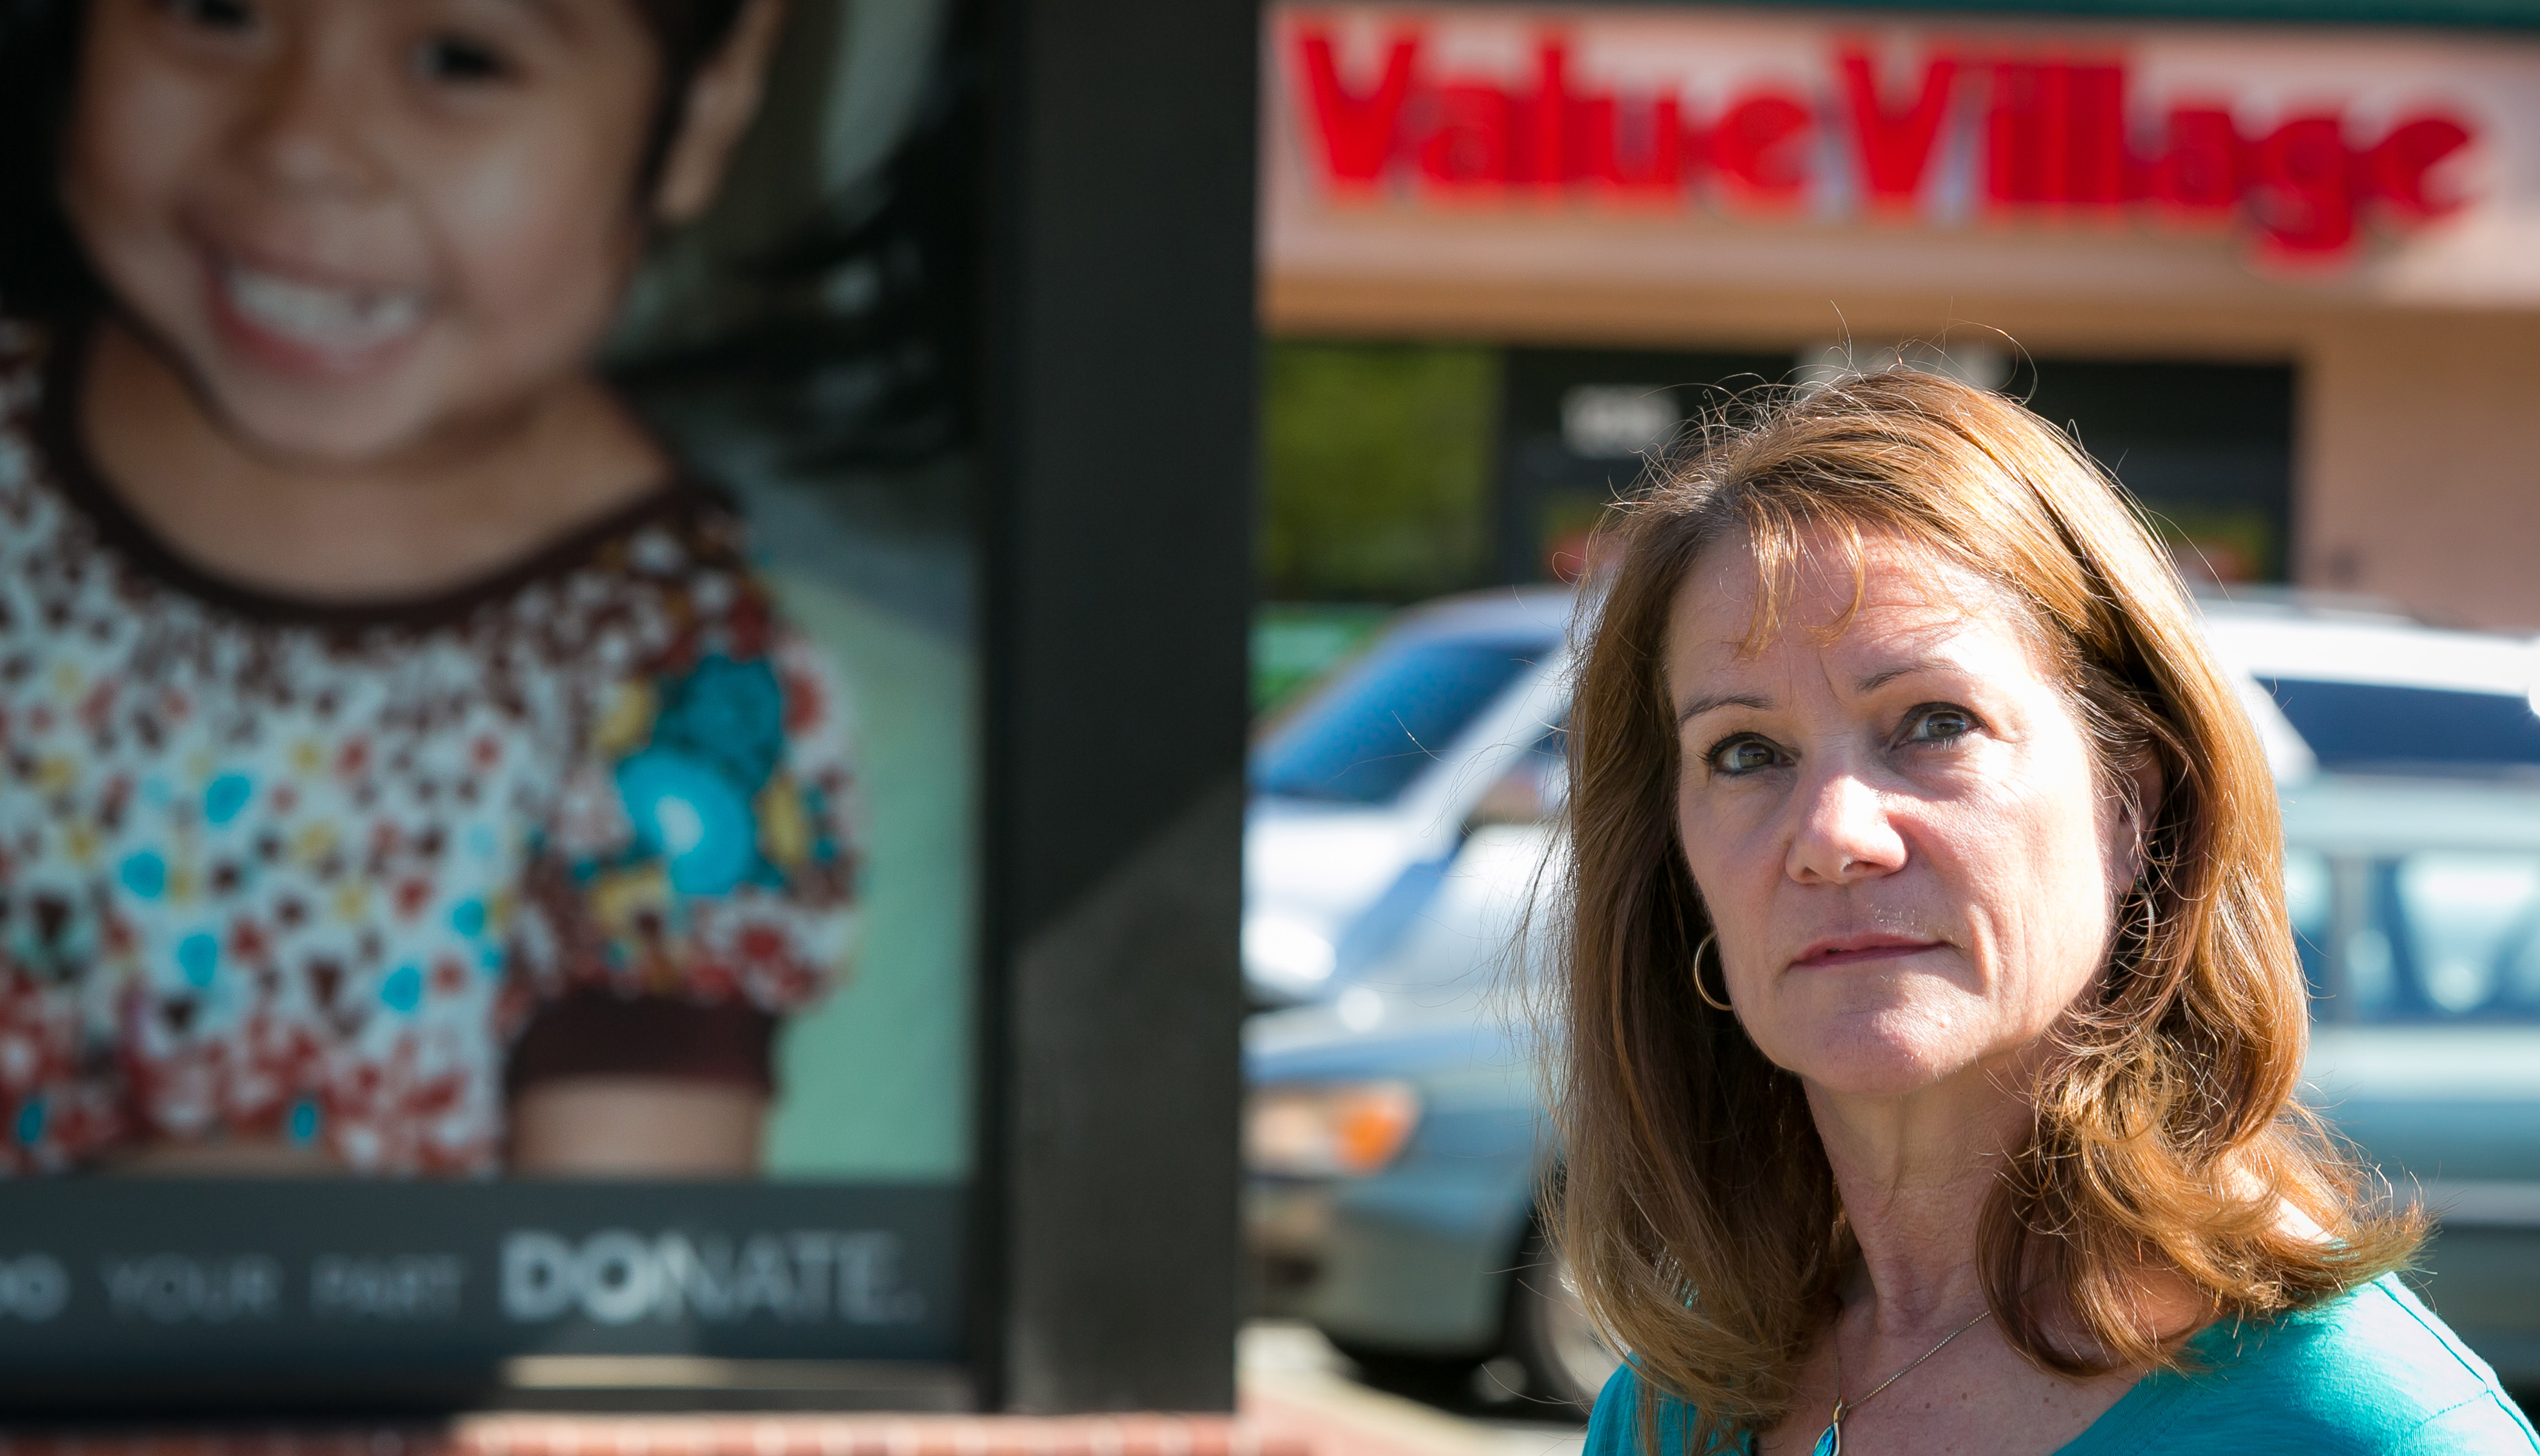 Value Village protests go viral